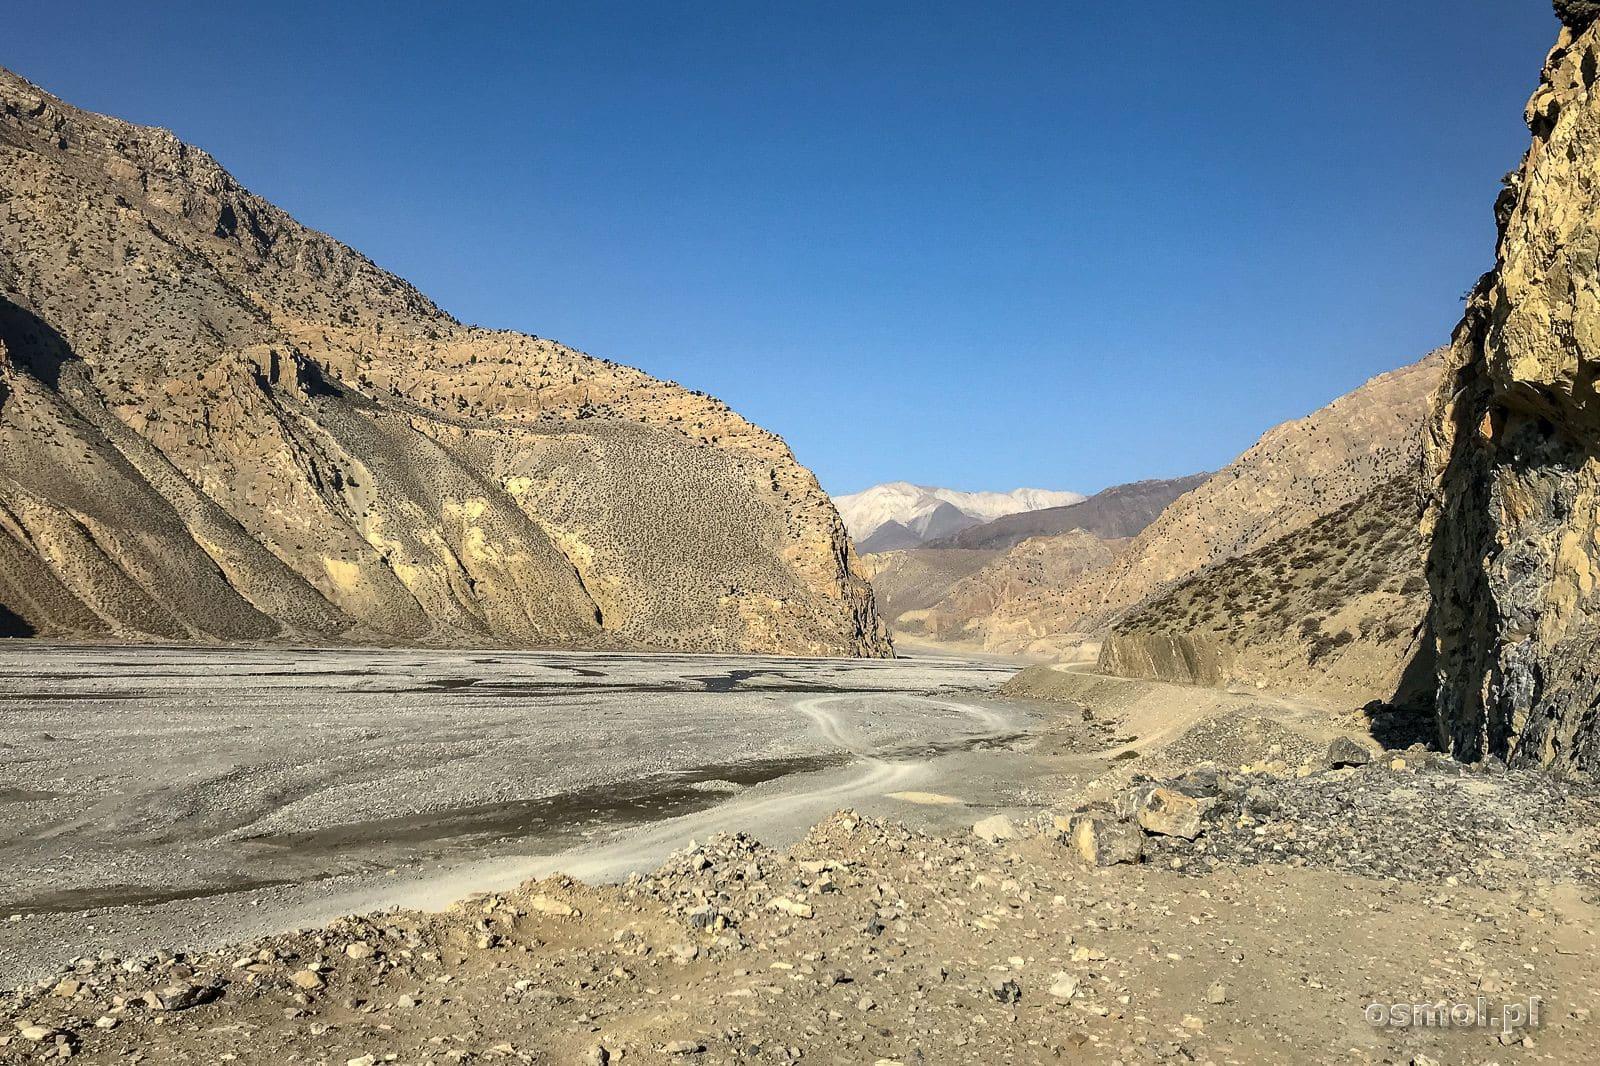 Dolina prowadząca do Jomson.